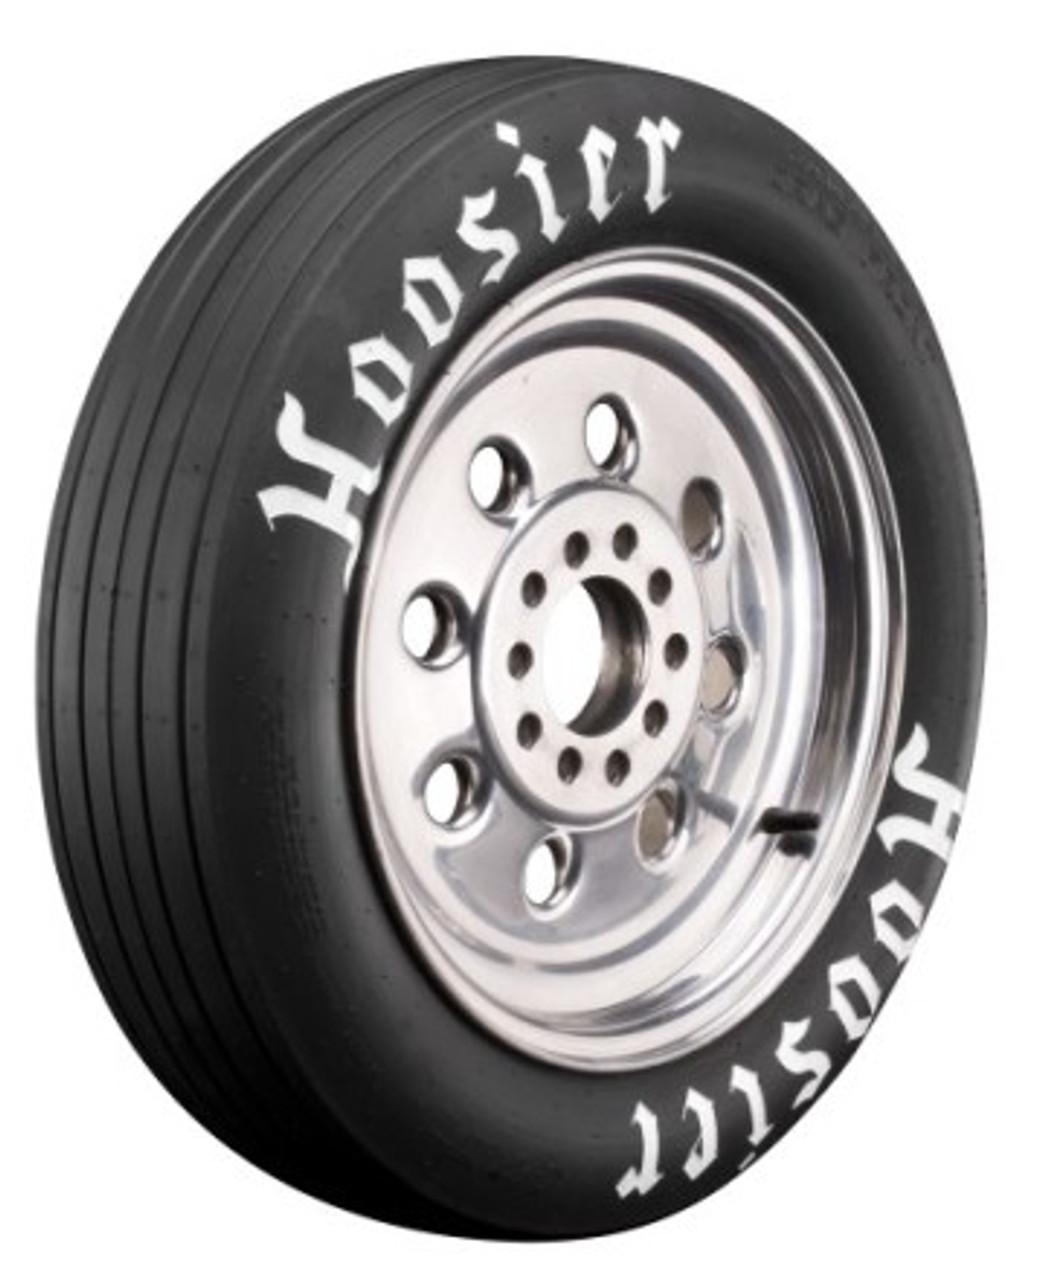 Hoosier Drag Slick Tire